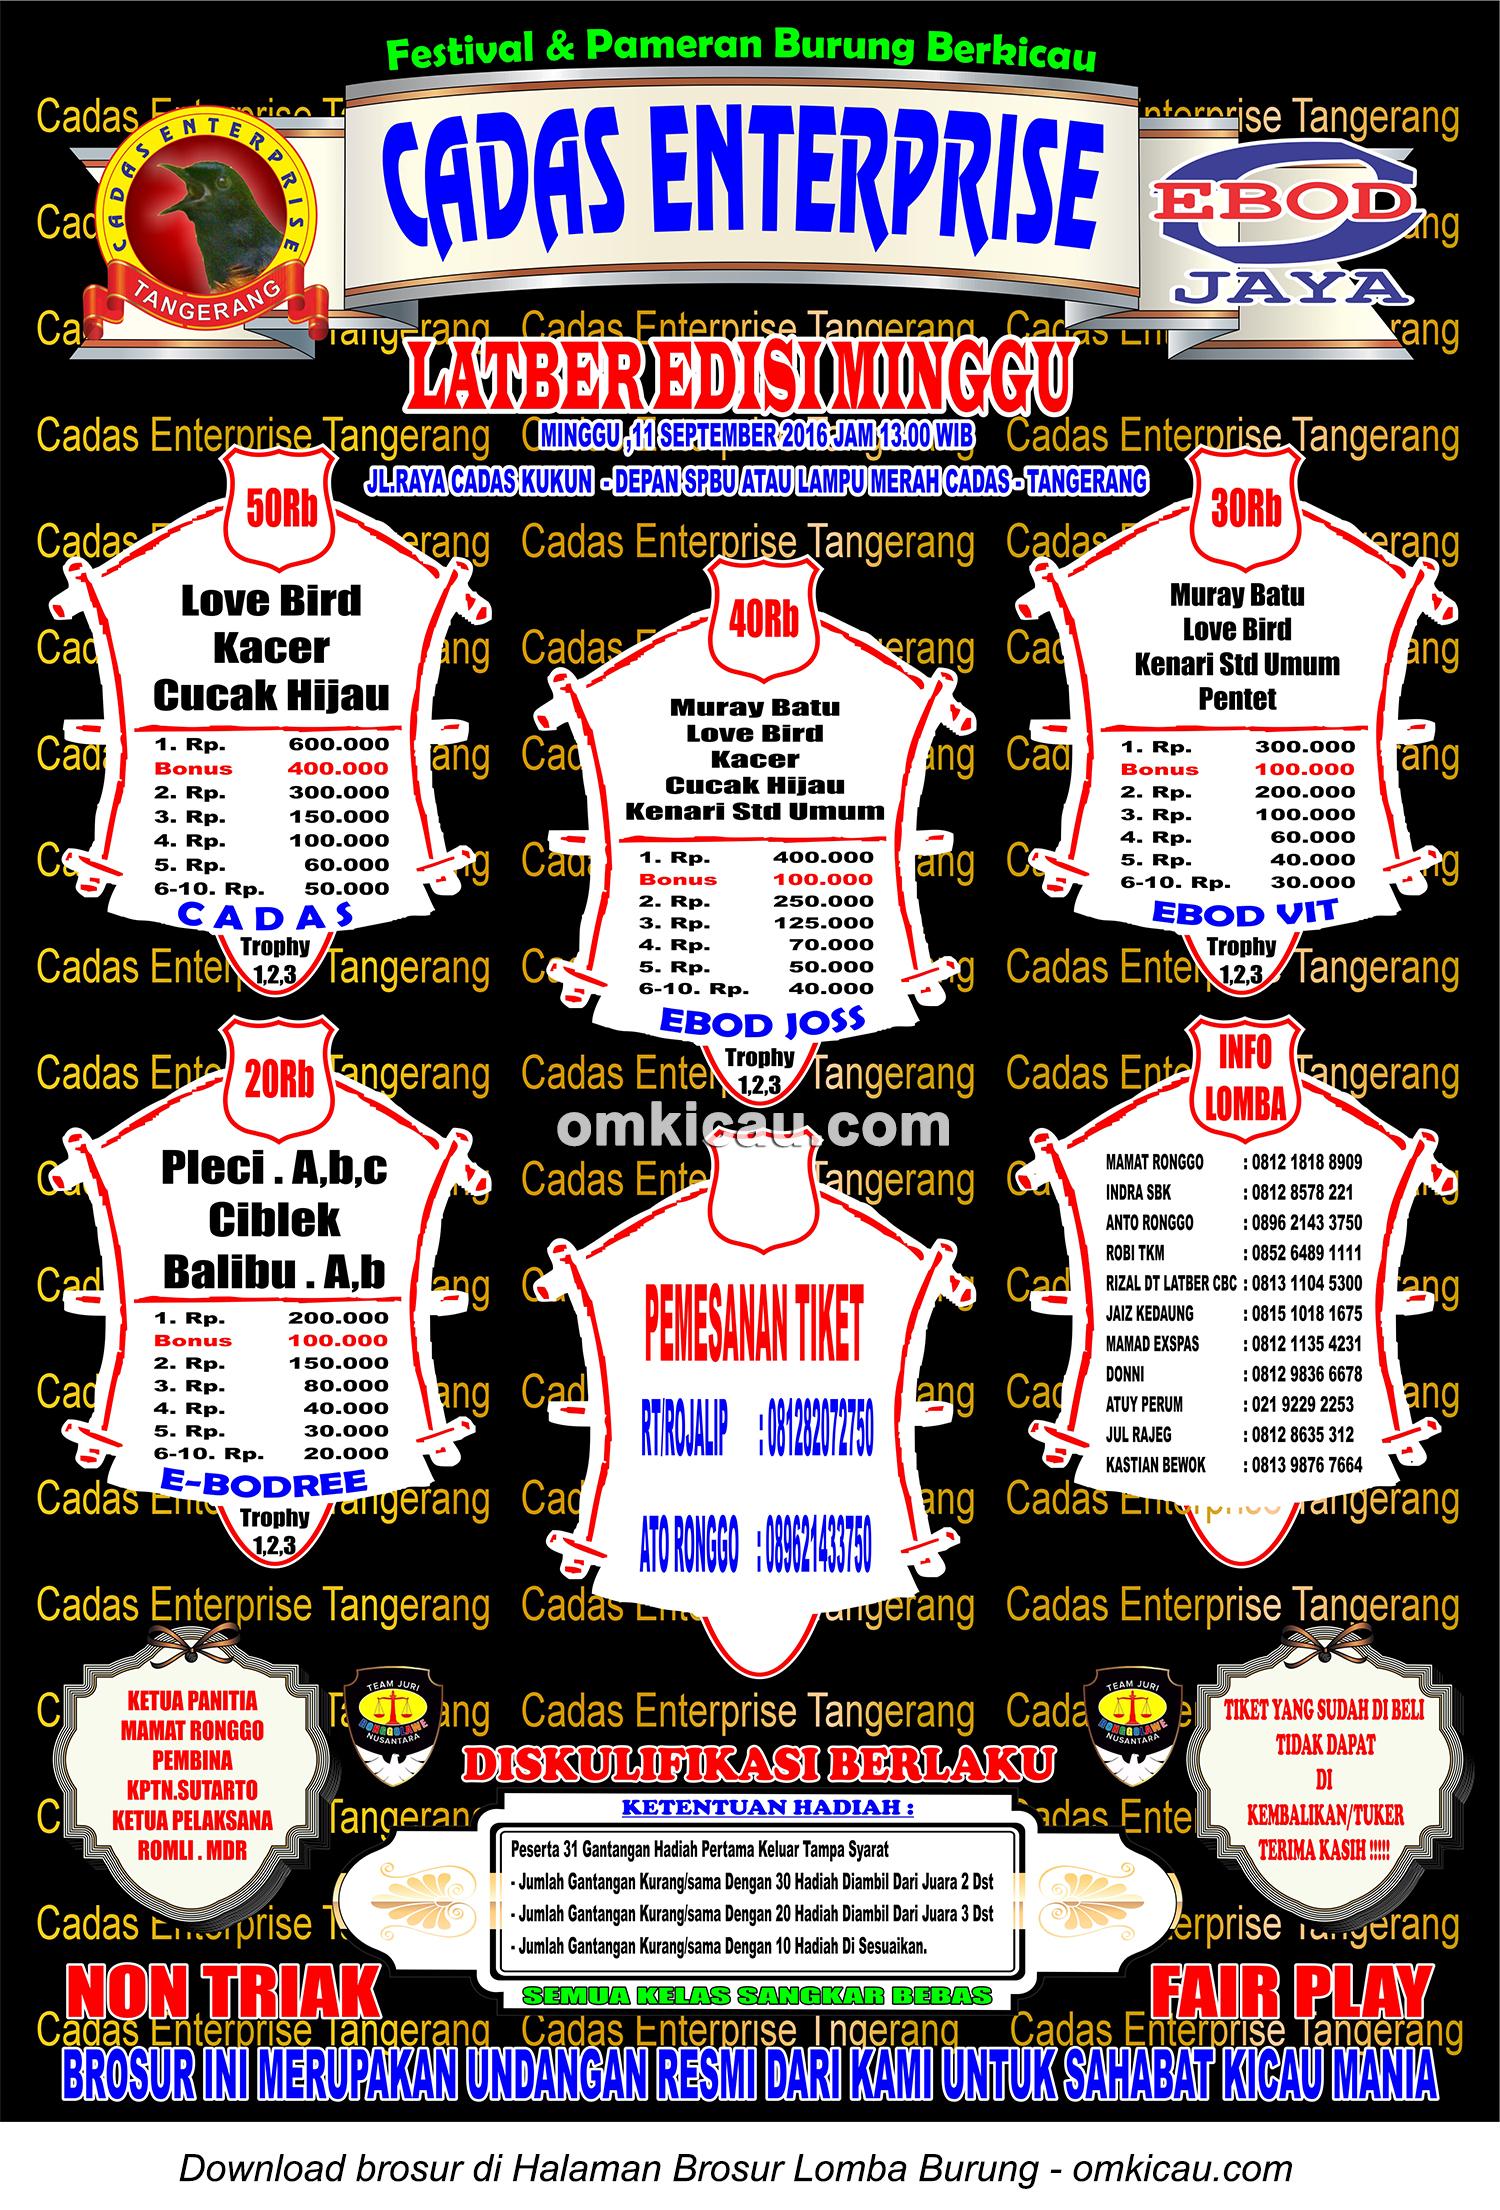 Brosur Latber Edisi Minggu Cadas Enterprise, Tangerang, 11 September 2016